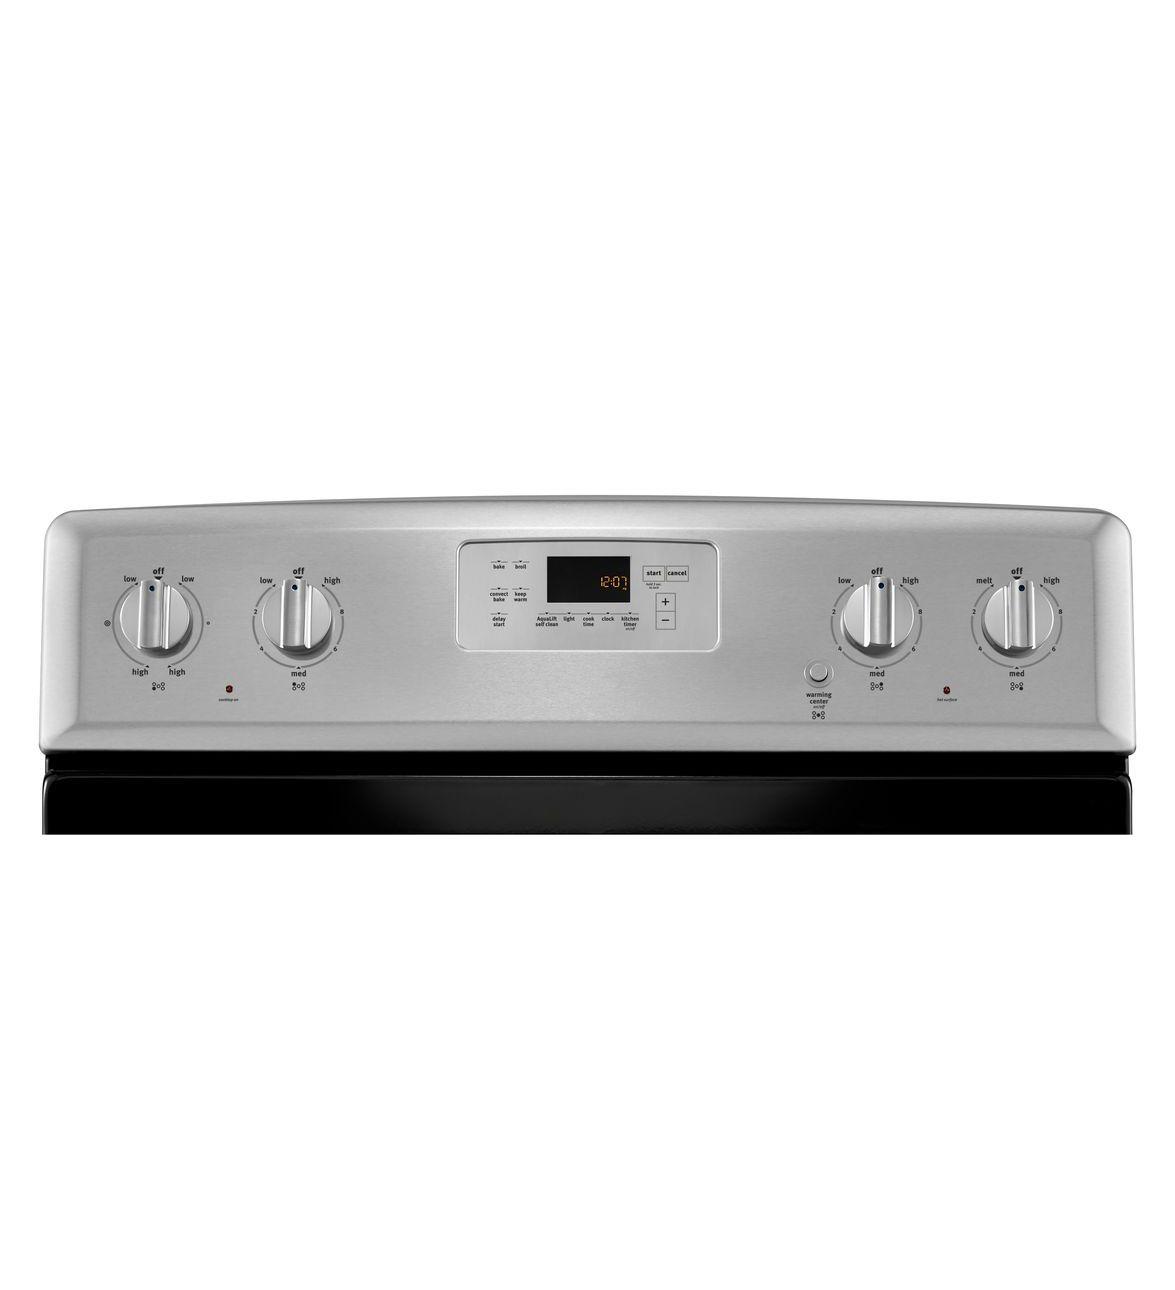 Cuisinière électrique non encastrée 6,2 pi cu avec poignées en acier inoxydable